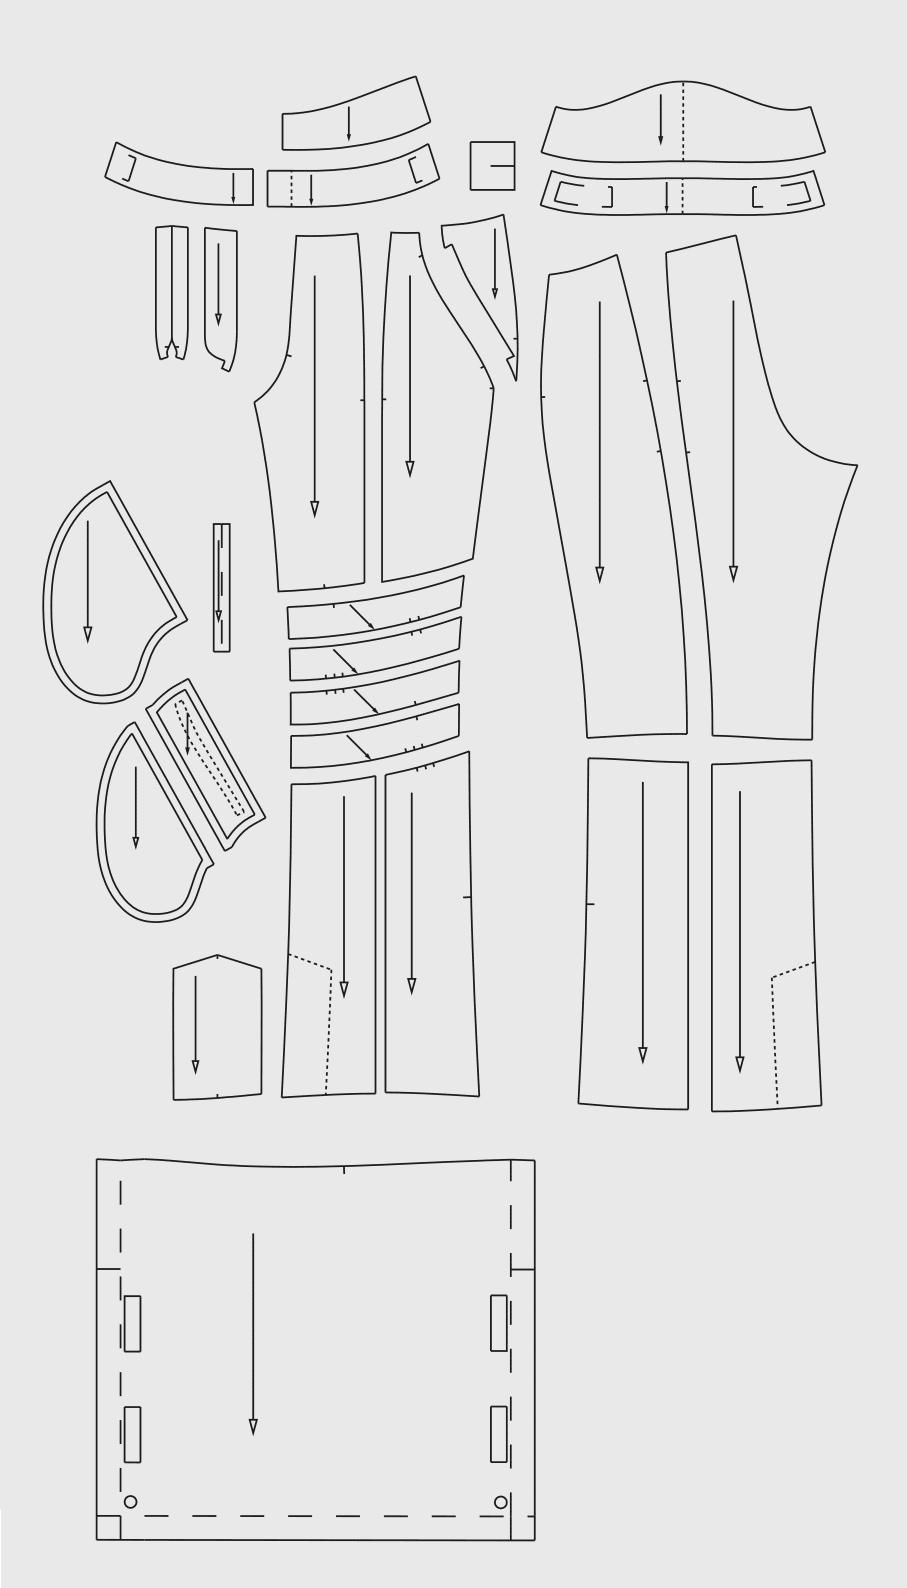 Zu sehen sind die fertigen Schnittteile der Schnittkonstruktion für die Skihose.